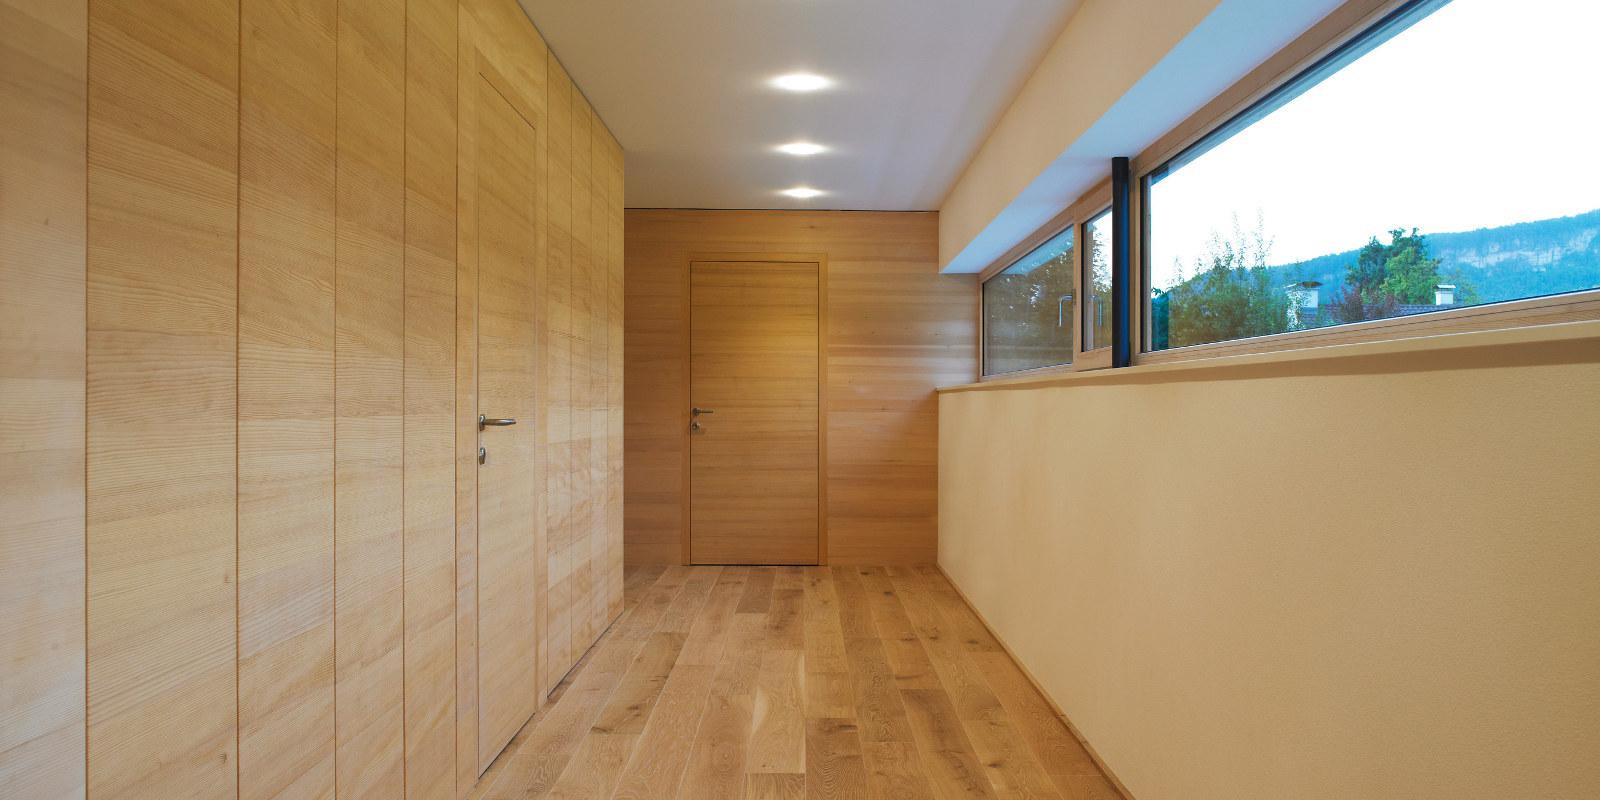 fenster und t ren f r holzh user von alpina alpina haus. Black Bedroom Furniture Sets. Home Design Ideas